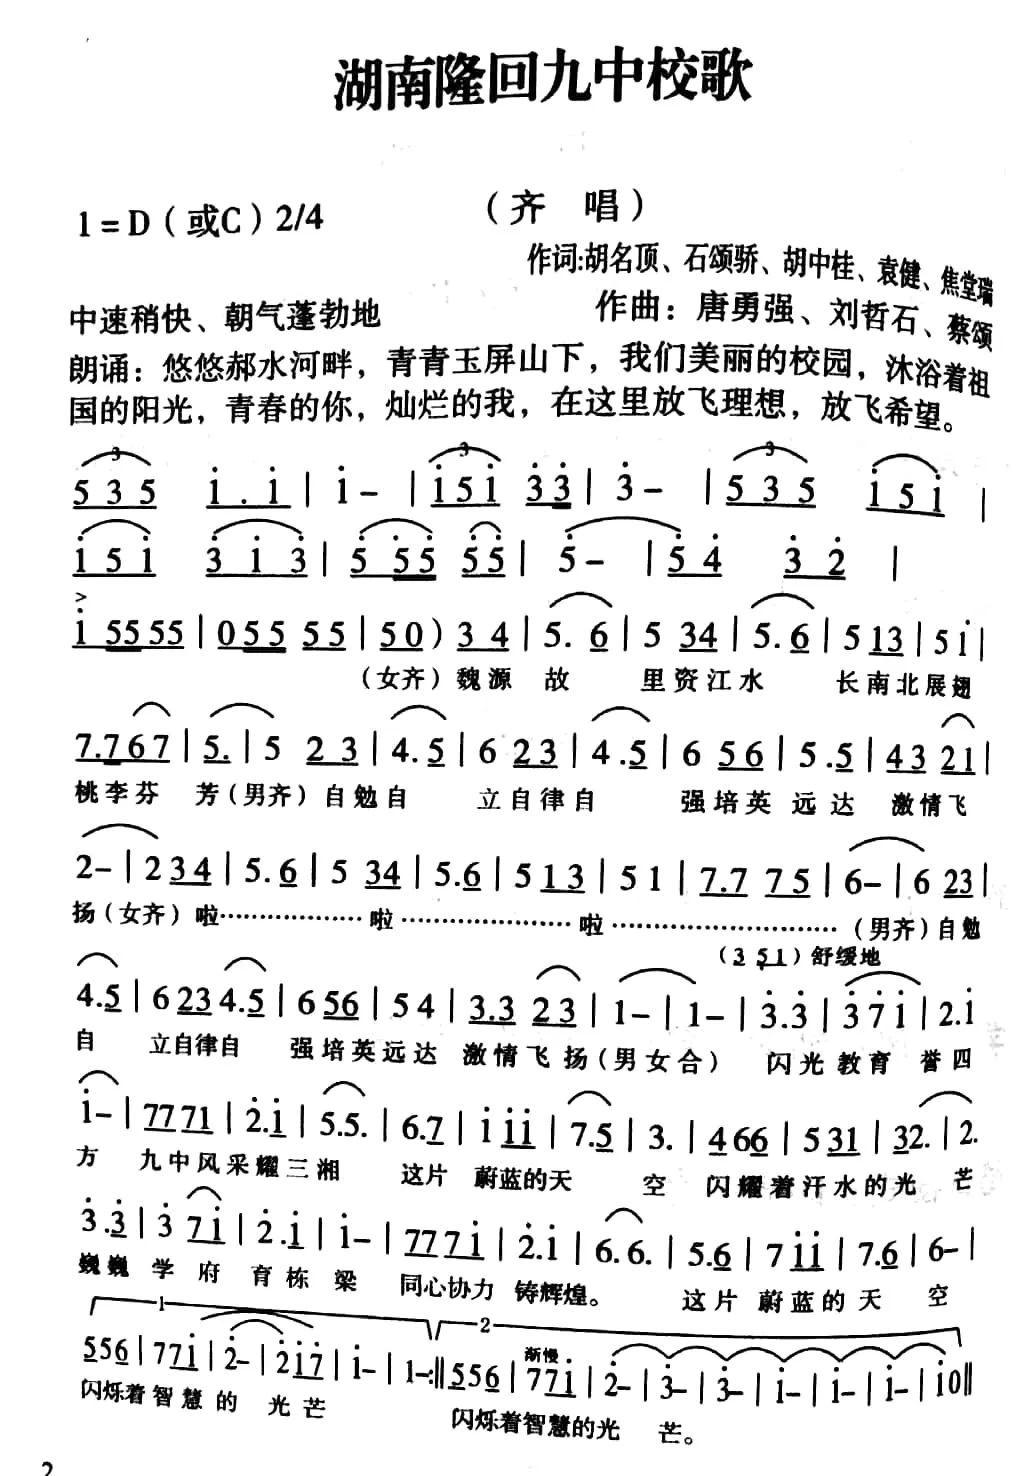 (隆回二中校歌深受周飞跃教授赞誉,认为可以与南京金陵中学校歌相媲美